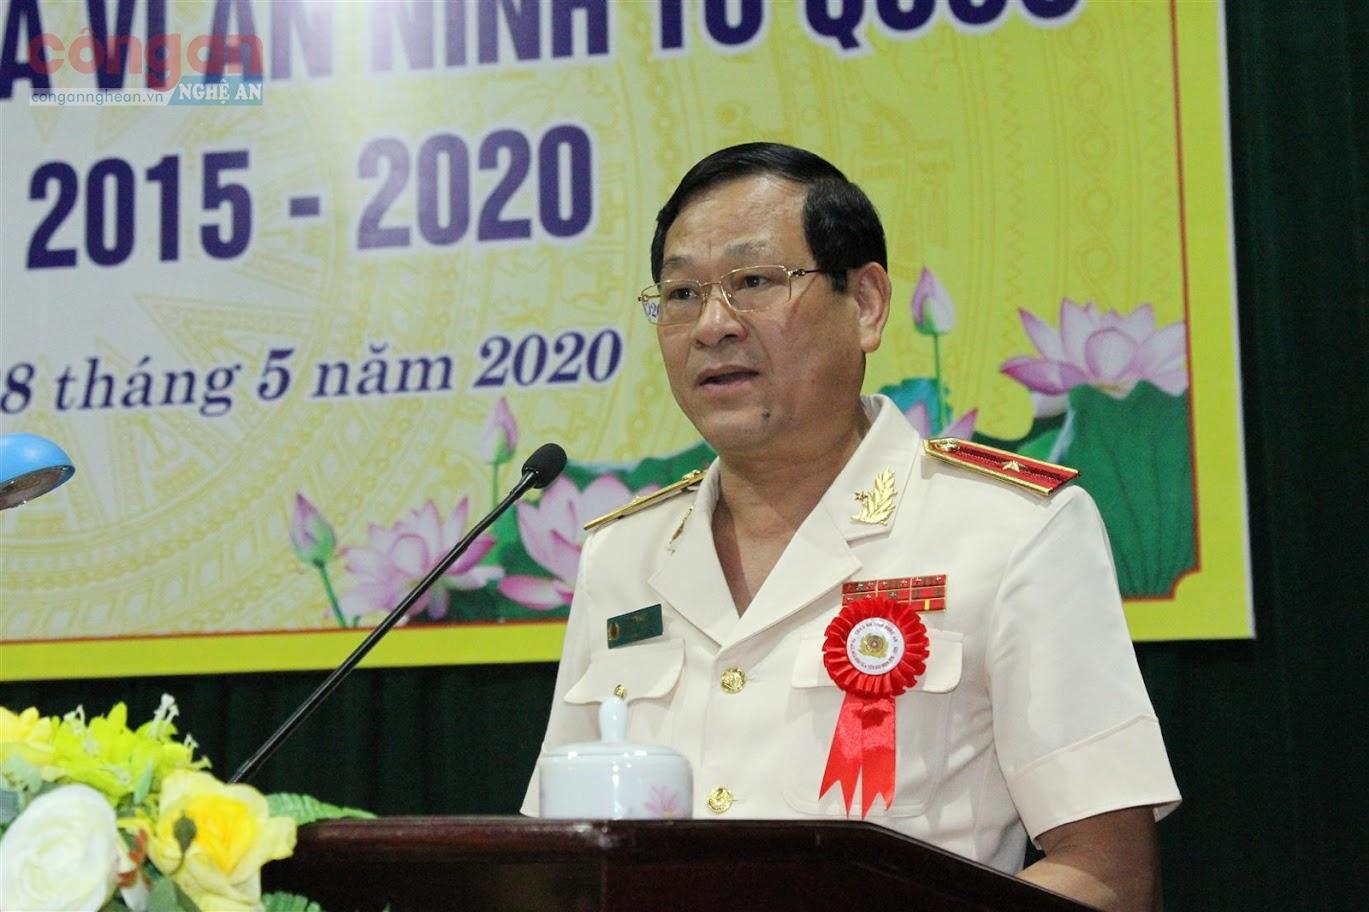 Đồng chí Thiếu tướng Nguyễn Hữu Cầu, Ủy viên BTV Tỉnh ủy, Bí thư Đảng ủy, Giám đốc Công an tỉnh phát biểu khai mạc hội nghị